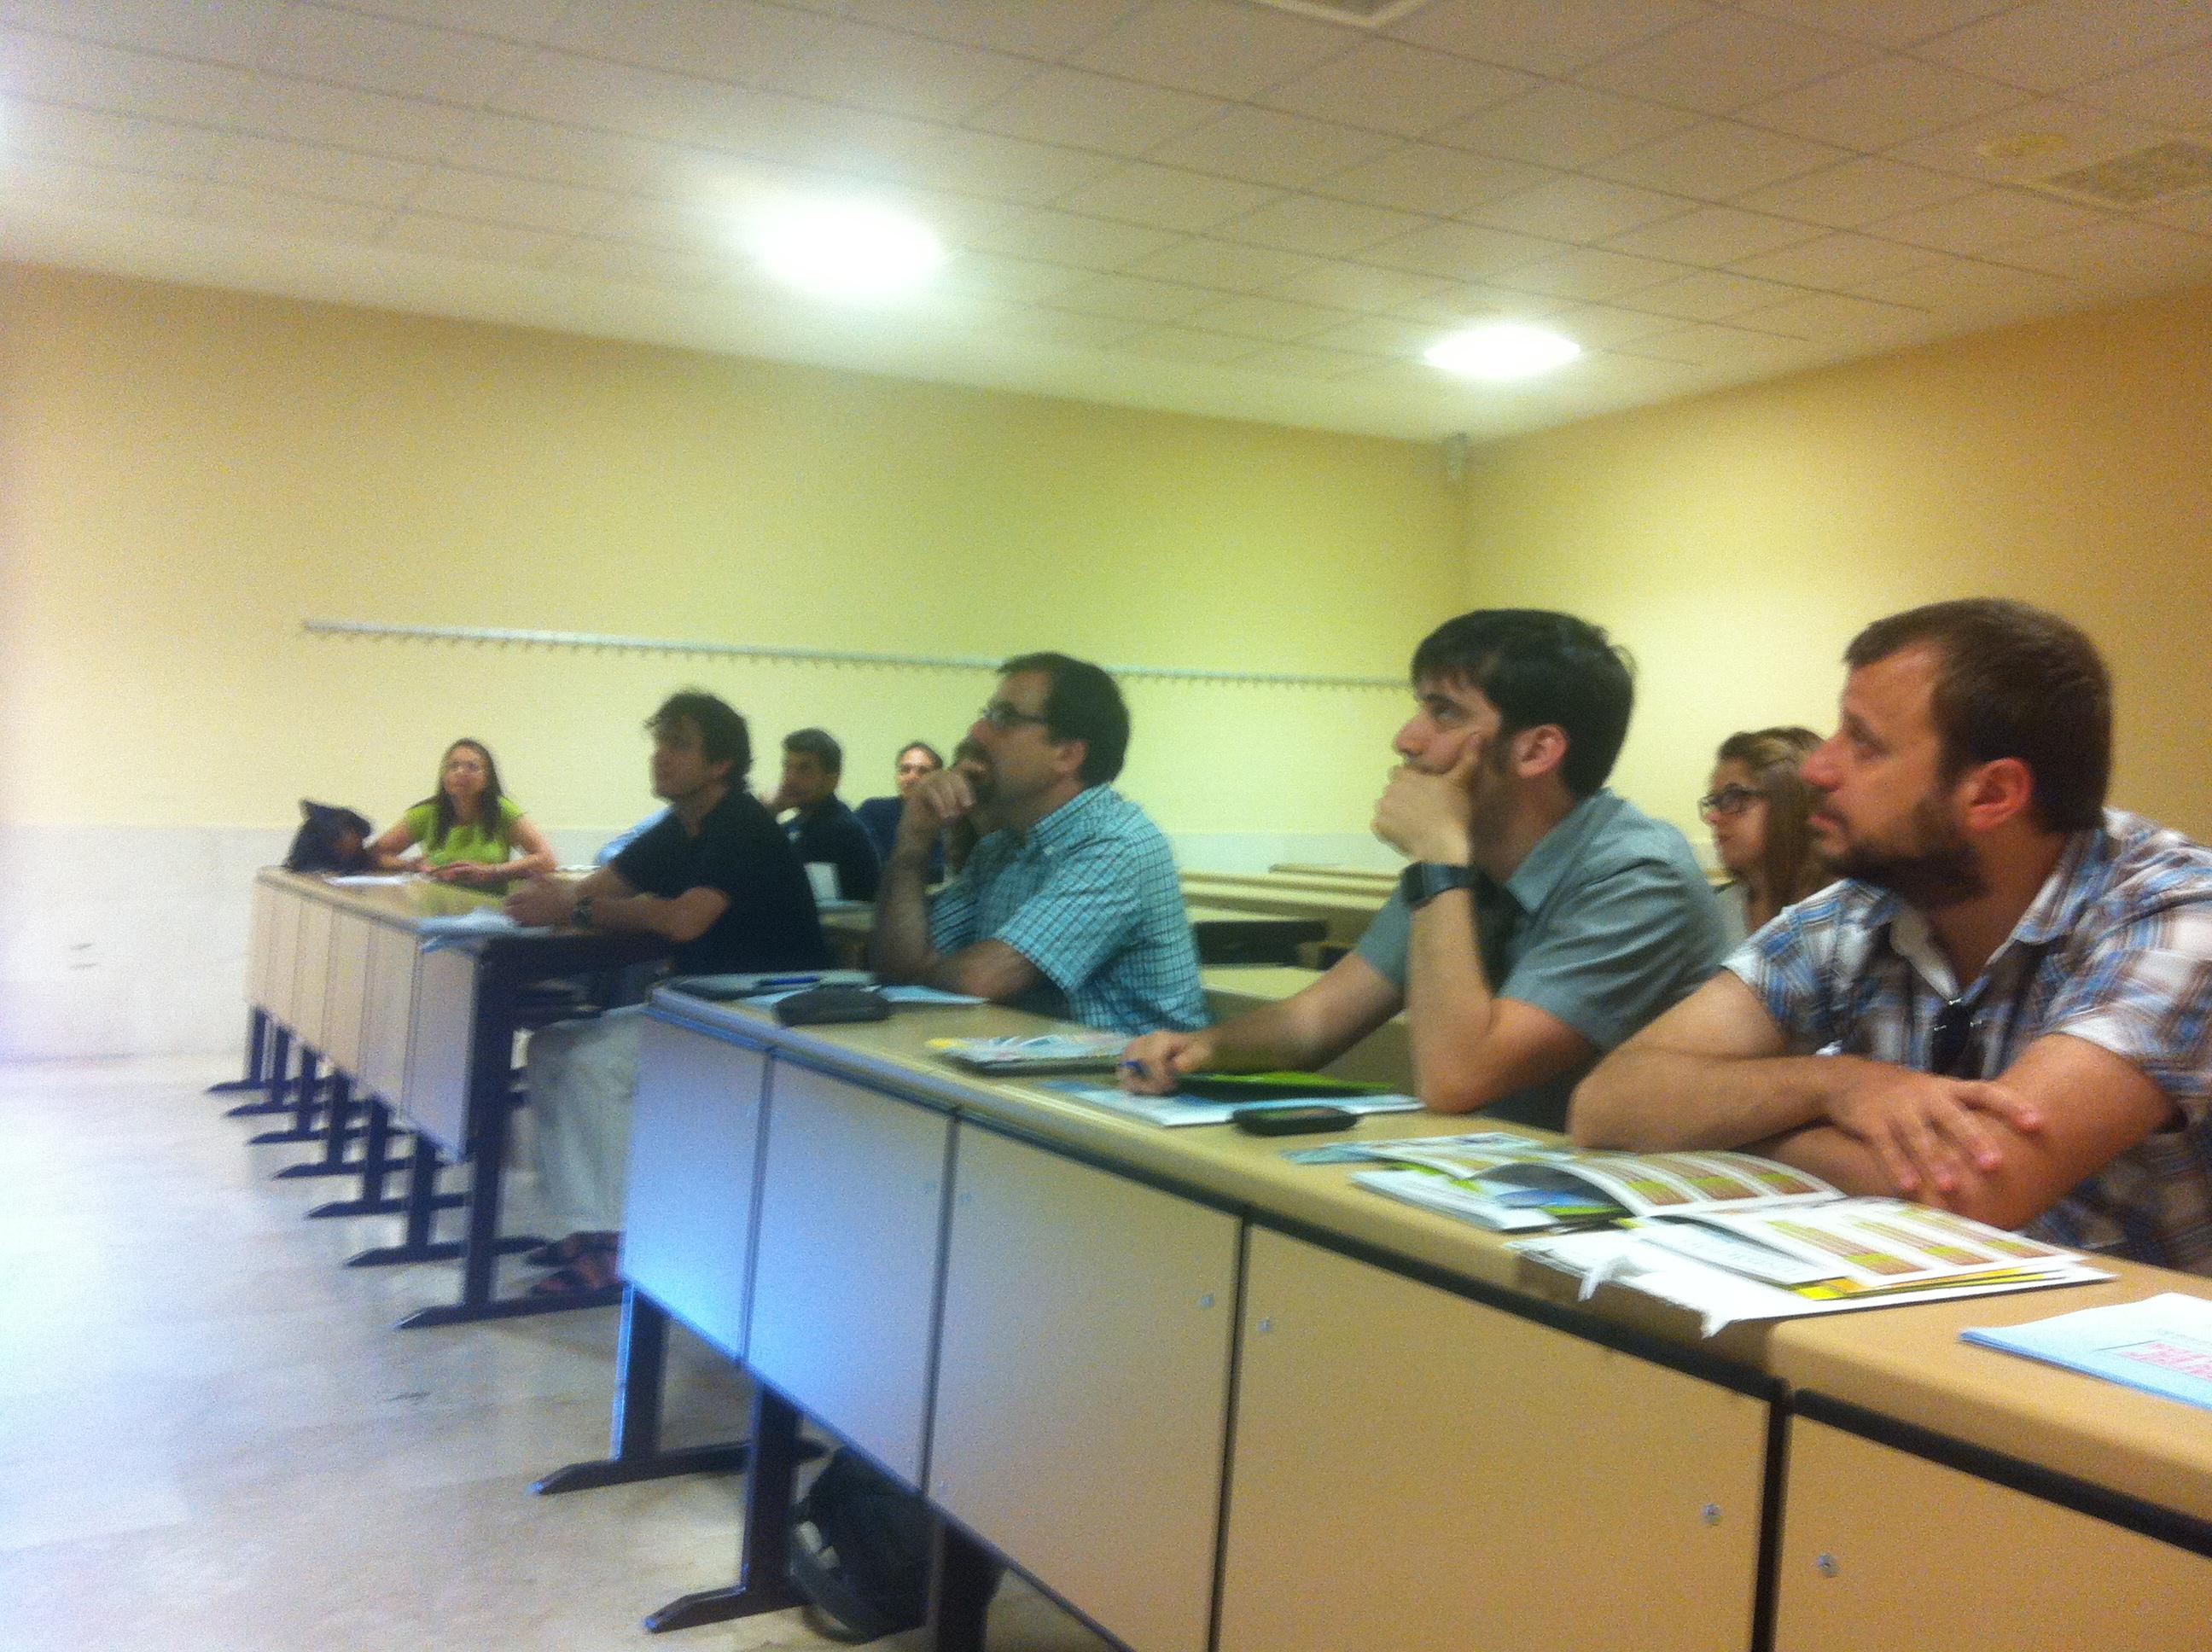 La Oficina Verde colabora en la organización de una actividad formativa sobre la energía eléctrica en Castilla y León